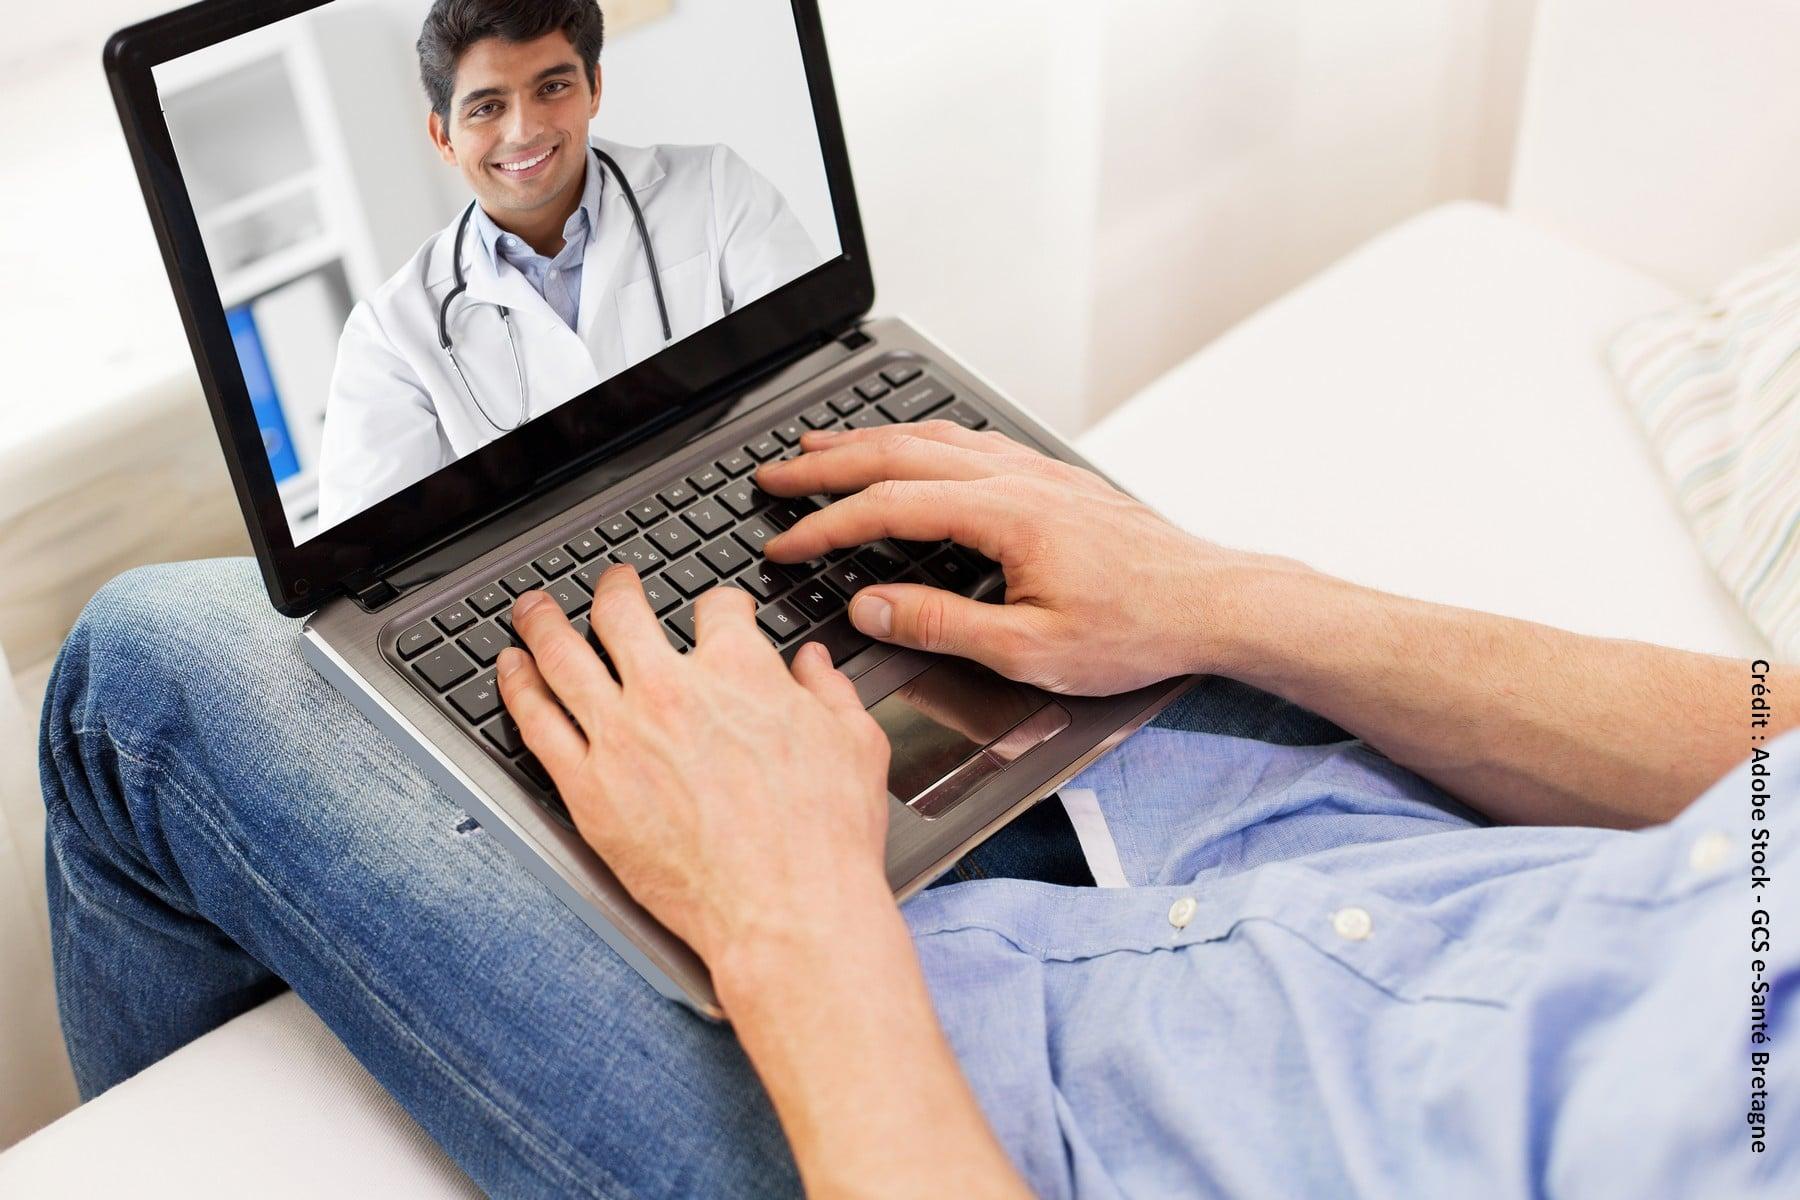 La télémédecine, une réponse pertinente aux déserts médicaux ?